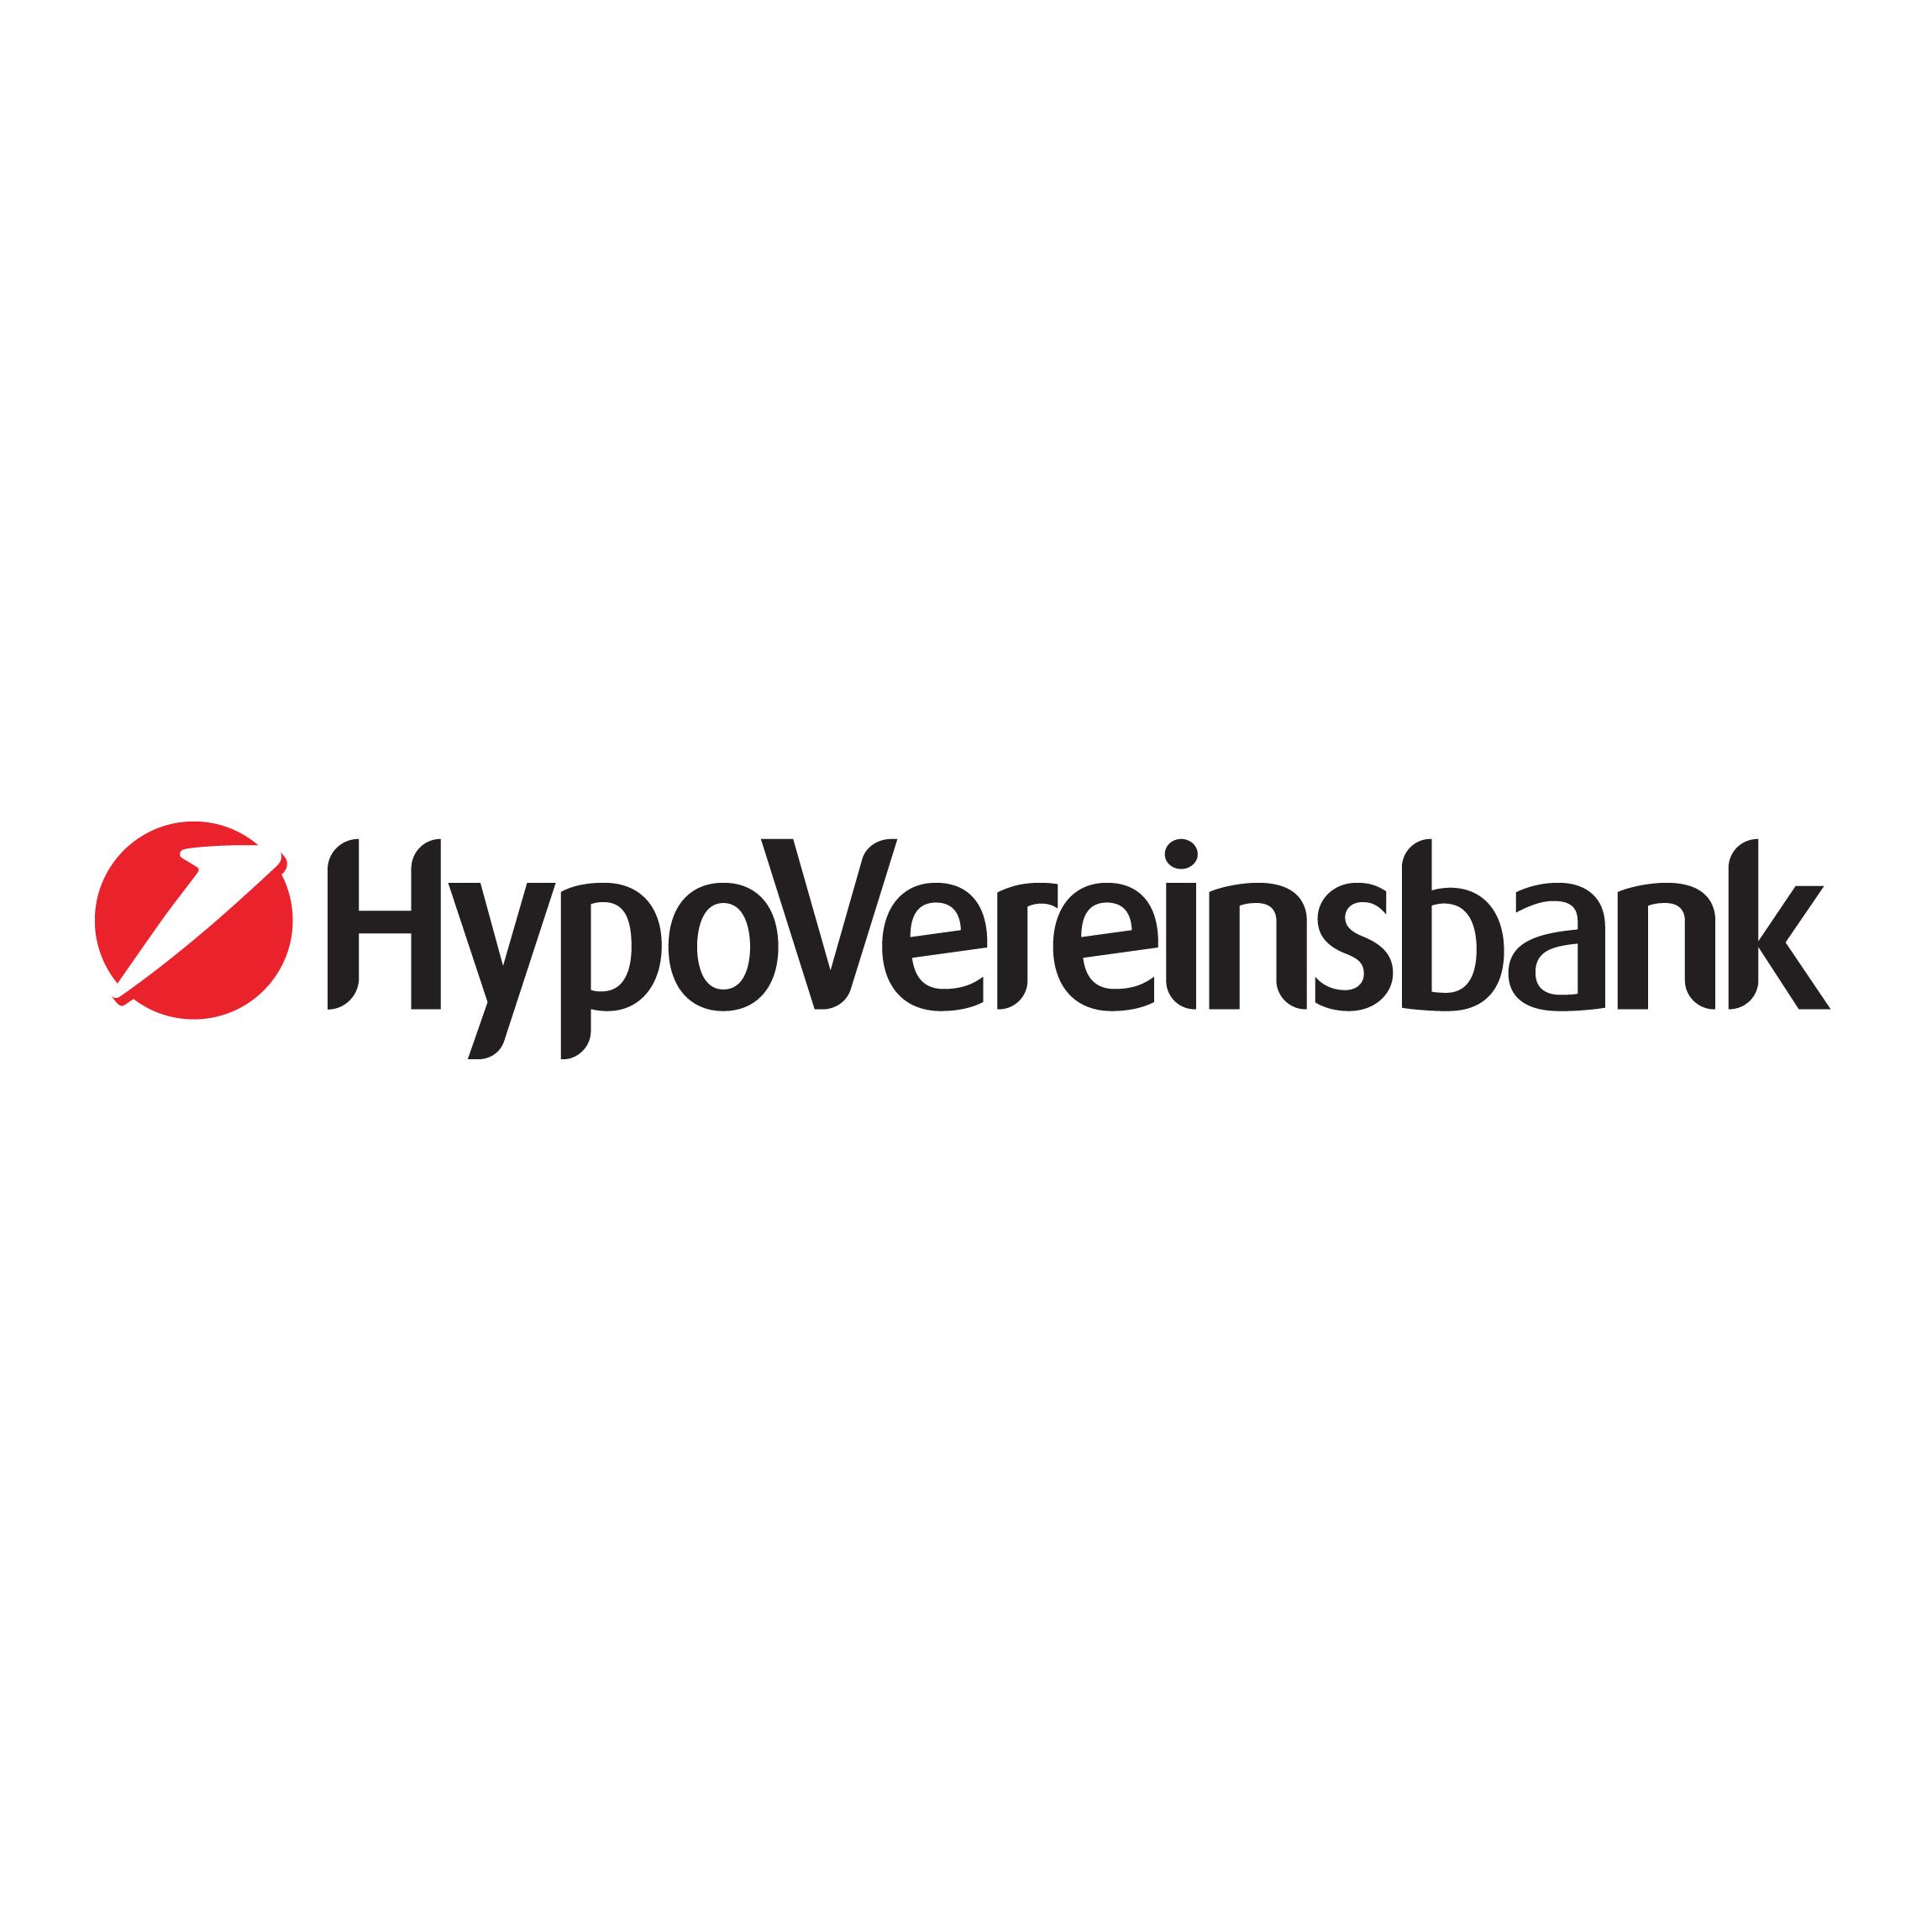 HypoVereinsbank Neustadt a.d. Aisch